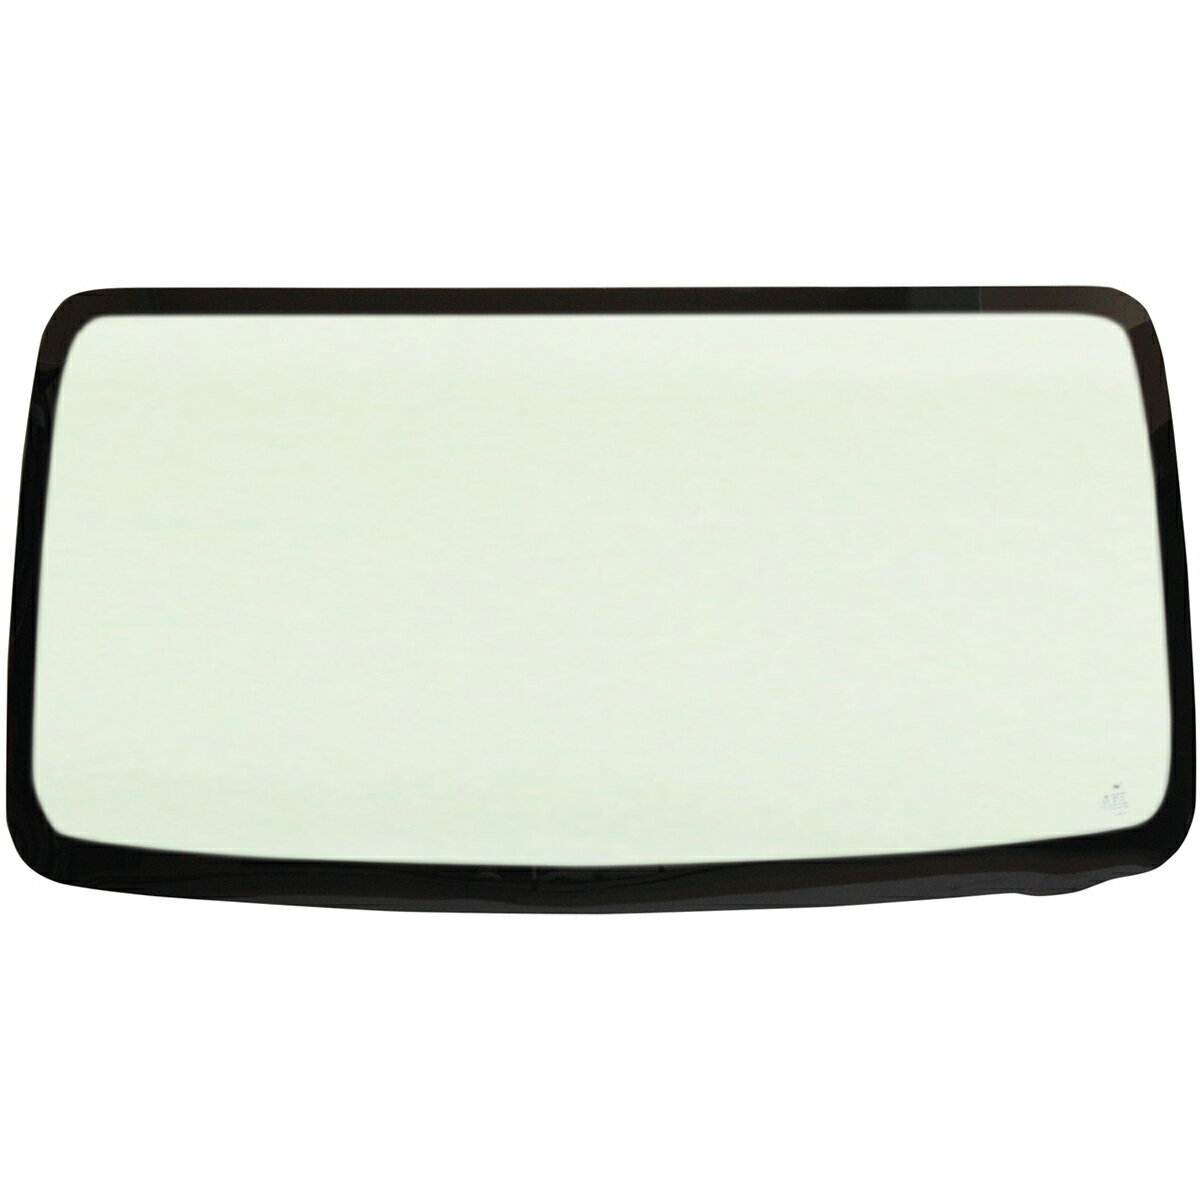 マツダ フレアワゴン 5D WG用フロントガラス ウィンドシールドモールセット 車両型式:MM21S系 年式:H.24.6-H.25.3 ガラス型式:1A15E ガラス色:グリーン